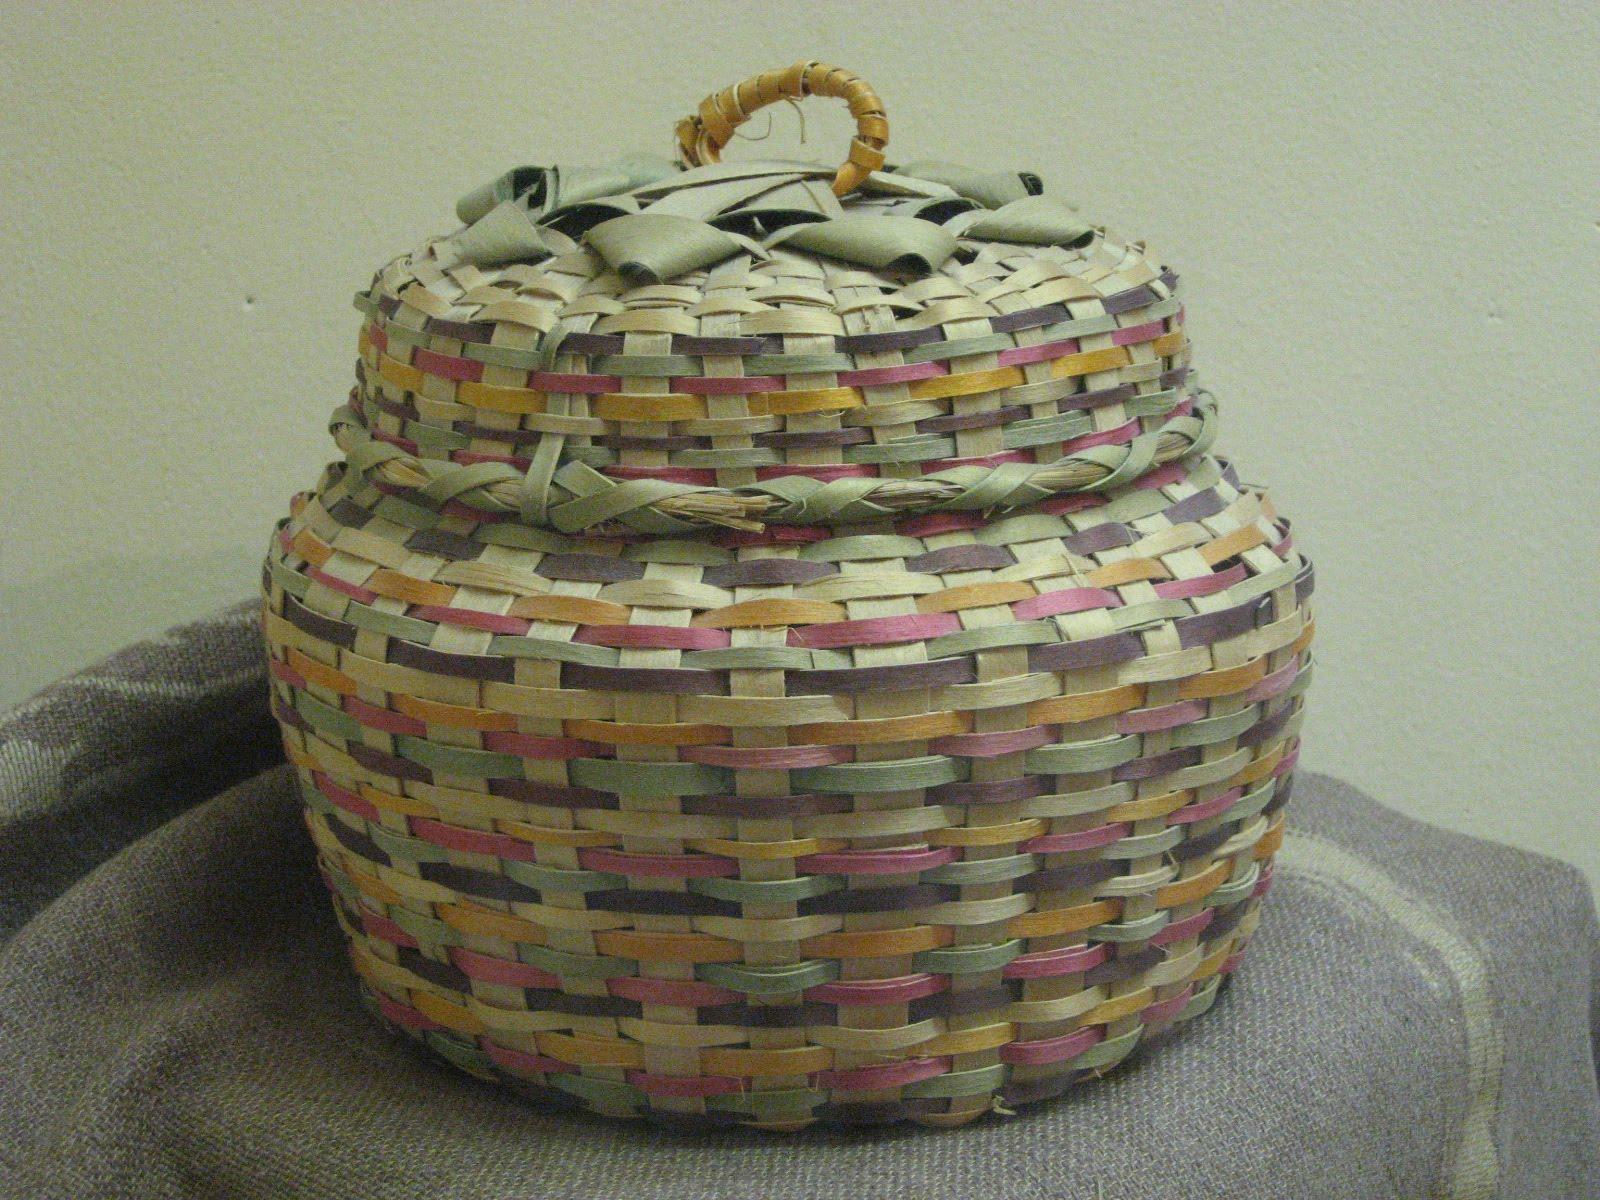 History Of Basket Weaving : North berrien historical society basket weaving work